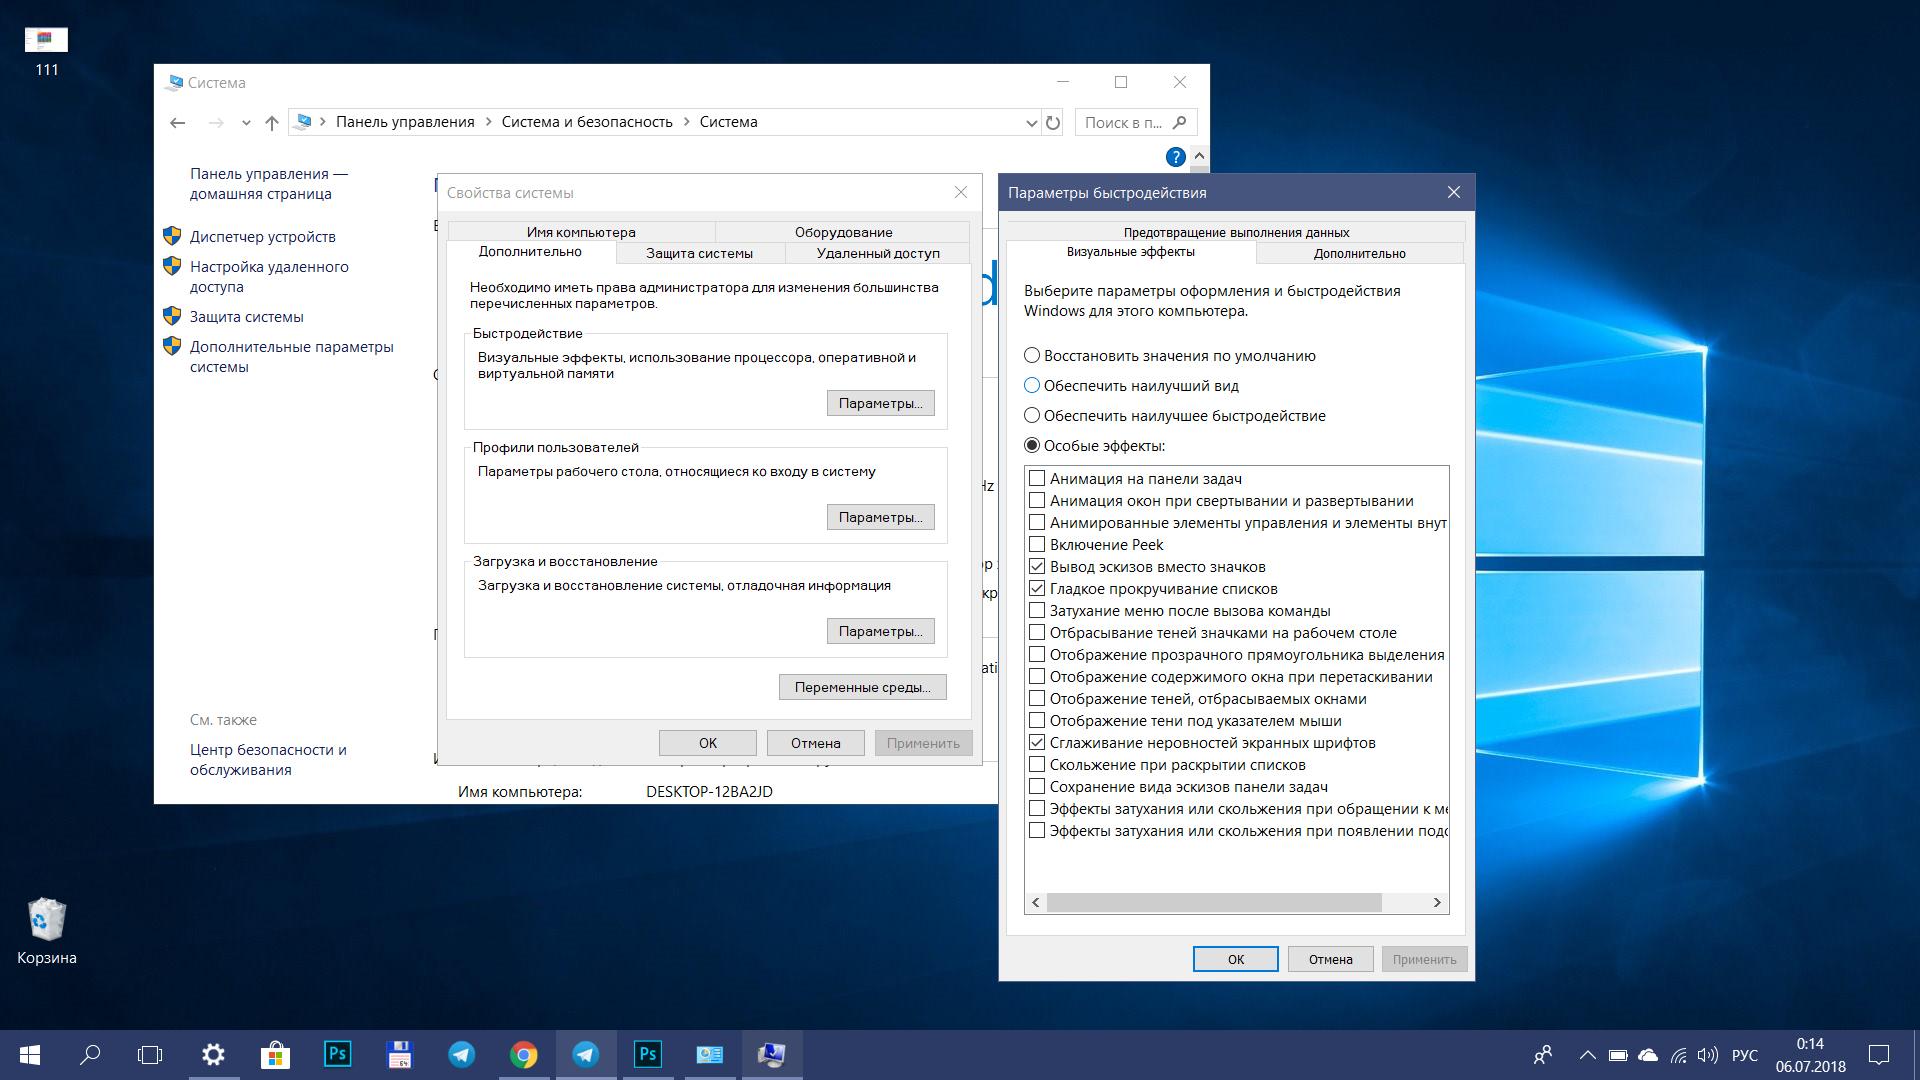 Как увеличить быстродействие windows 10